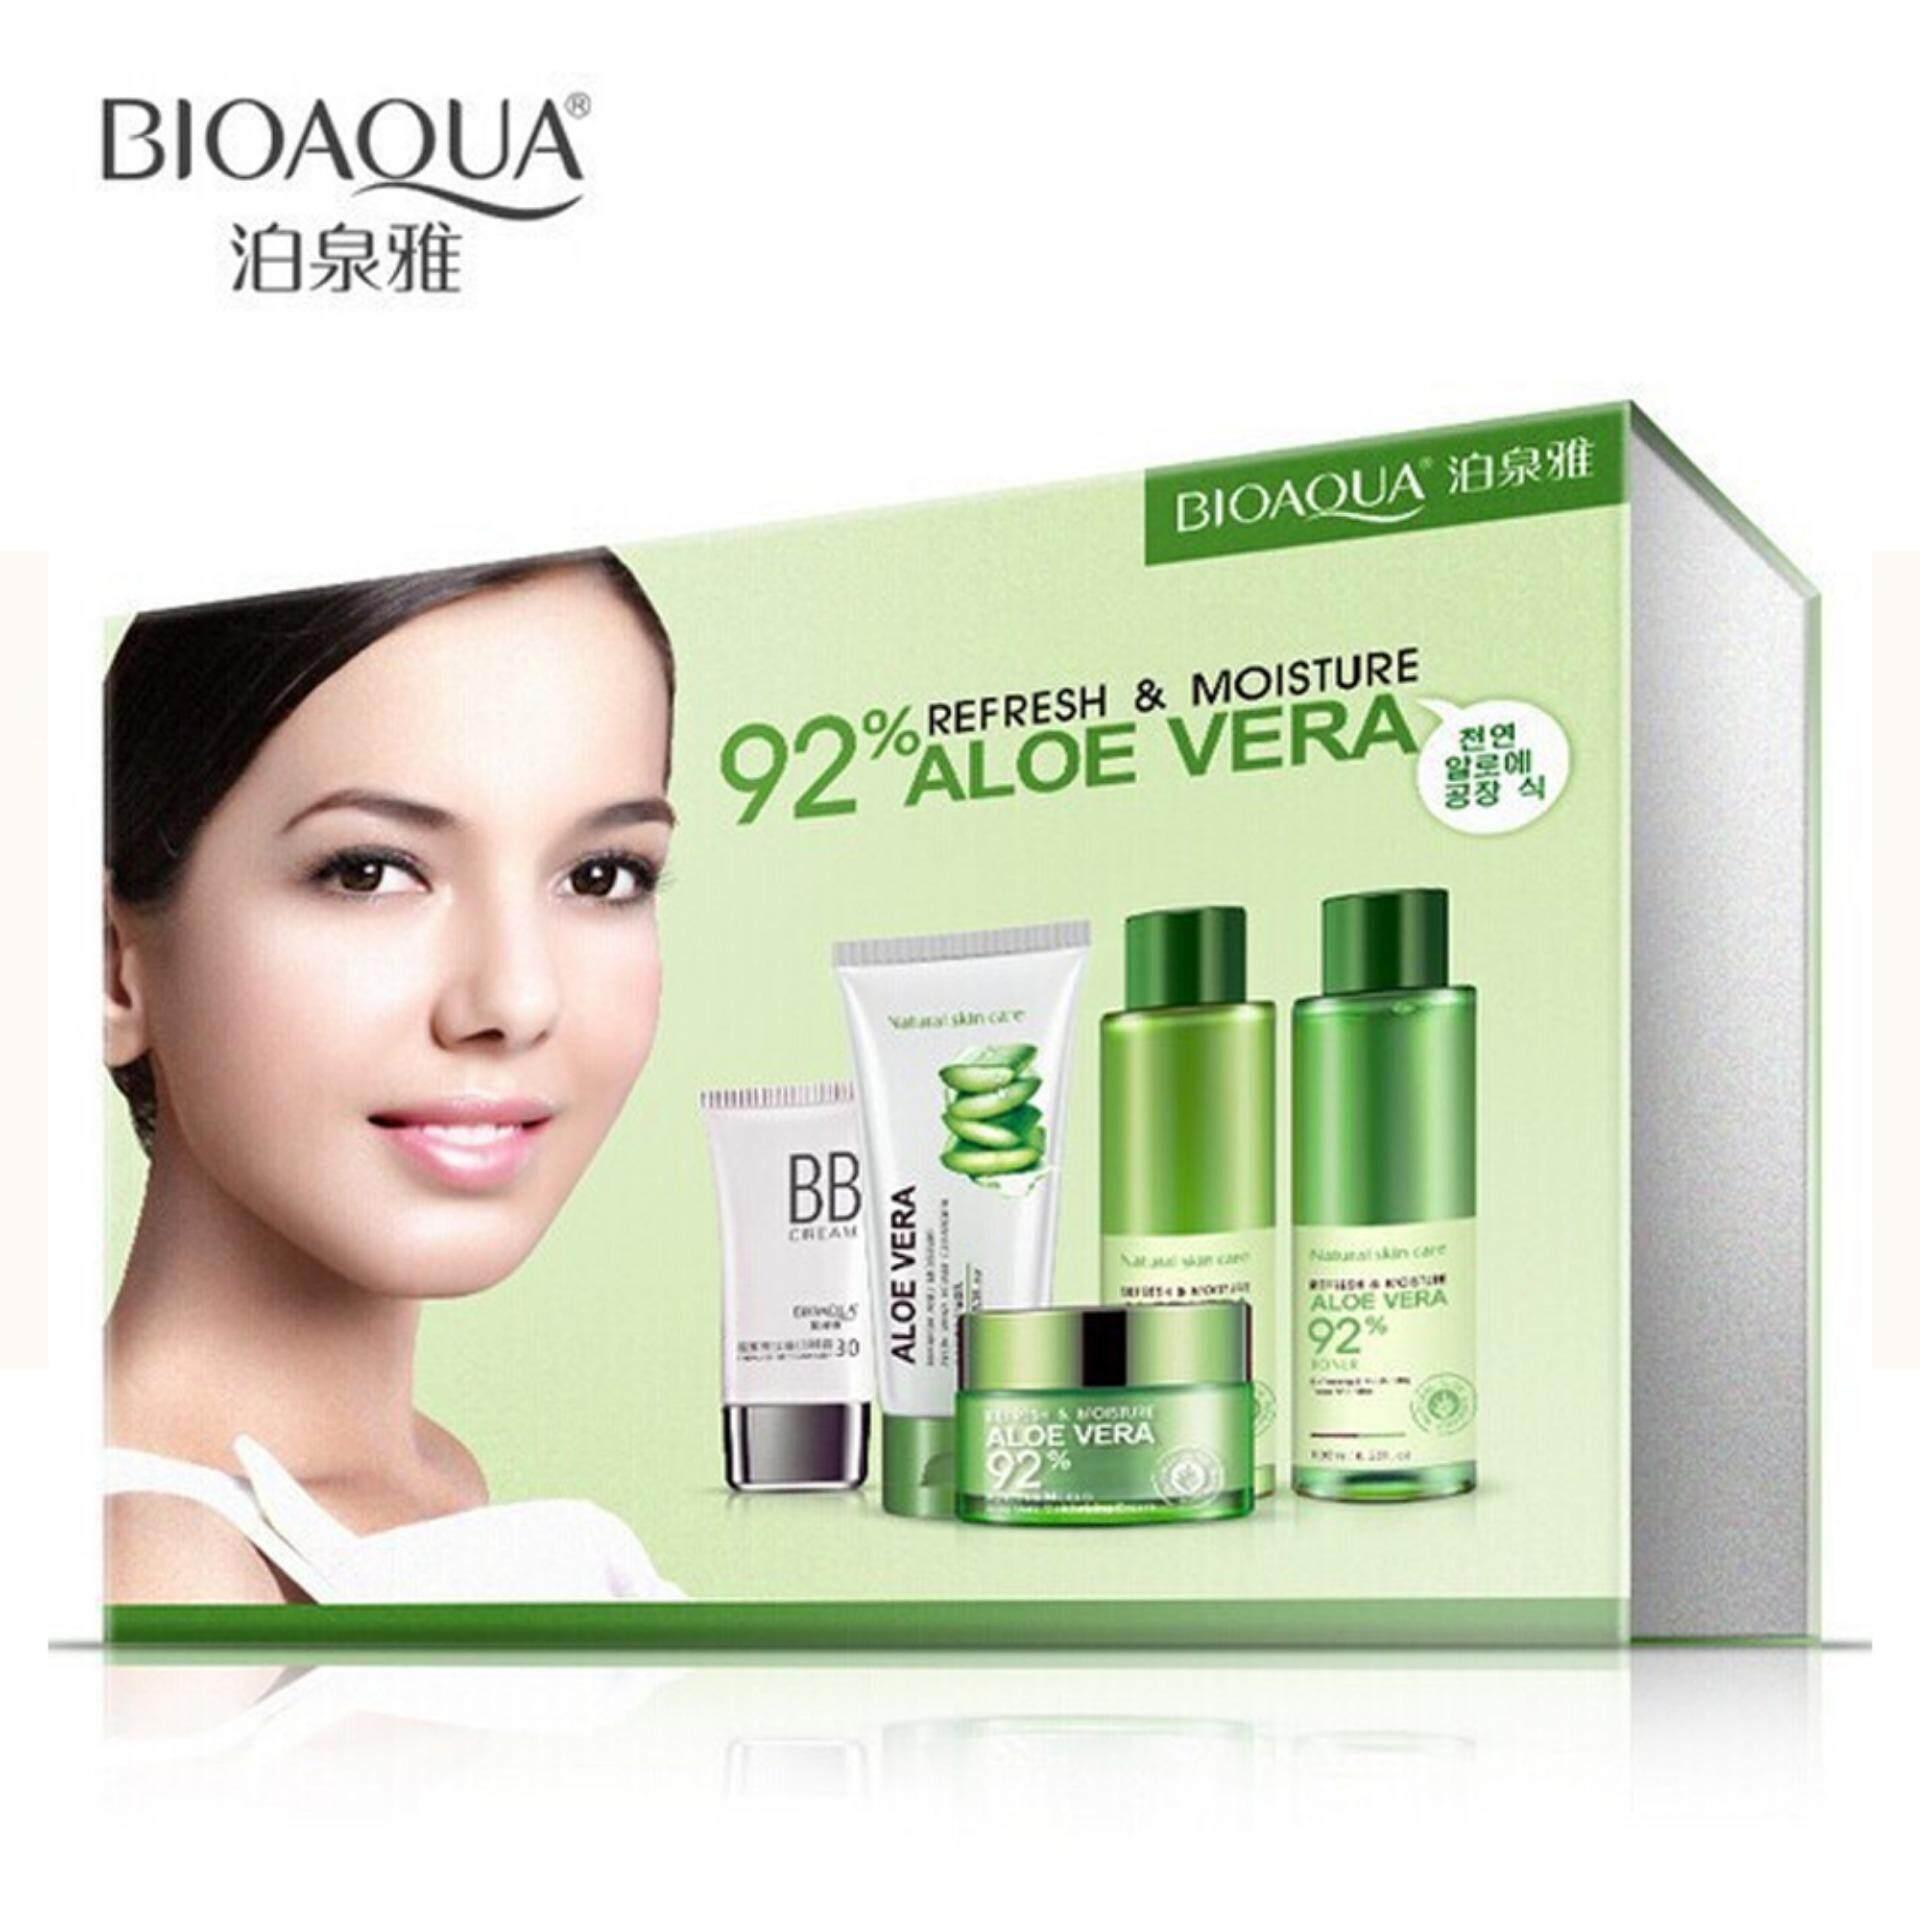 Fitur Bioaqua 5 In 1 92percent Aloe Vera Essence Skin Care Set Aloevera 92 Refresh